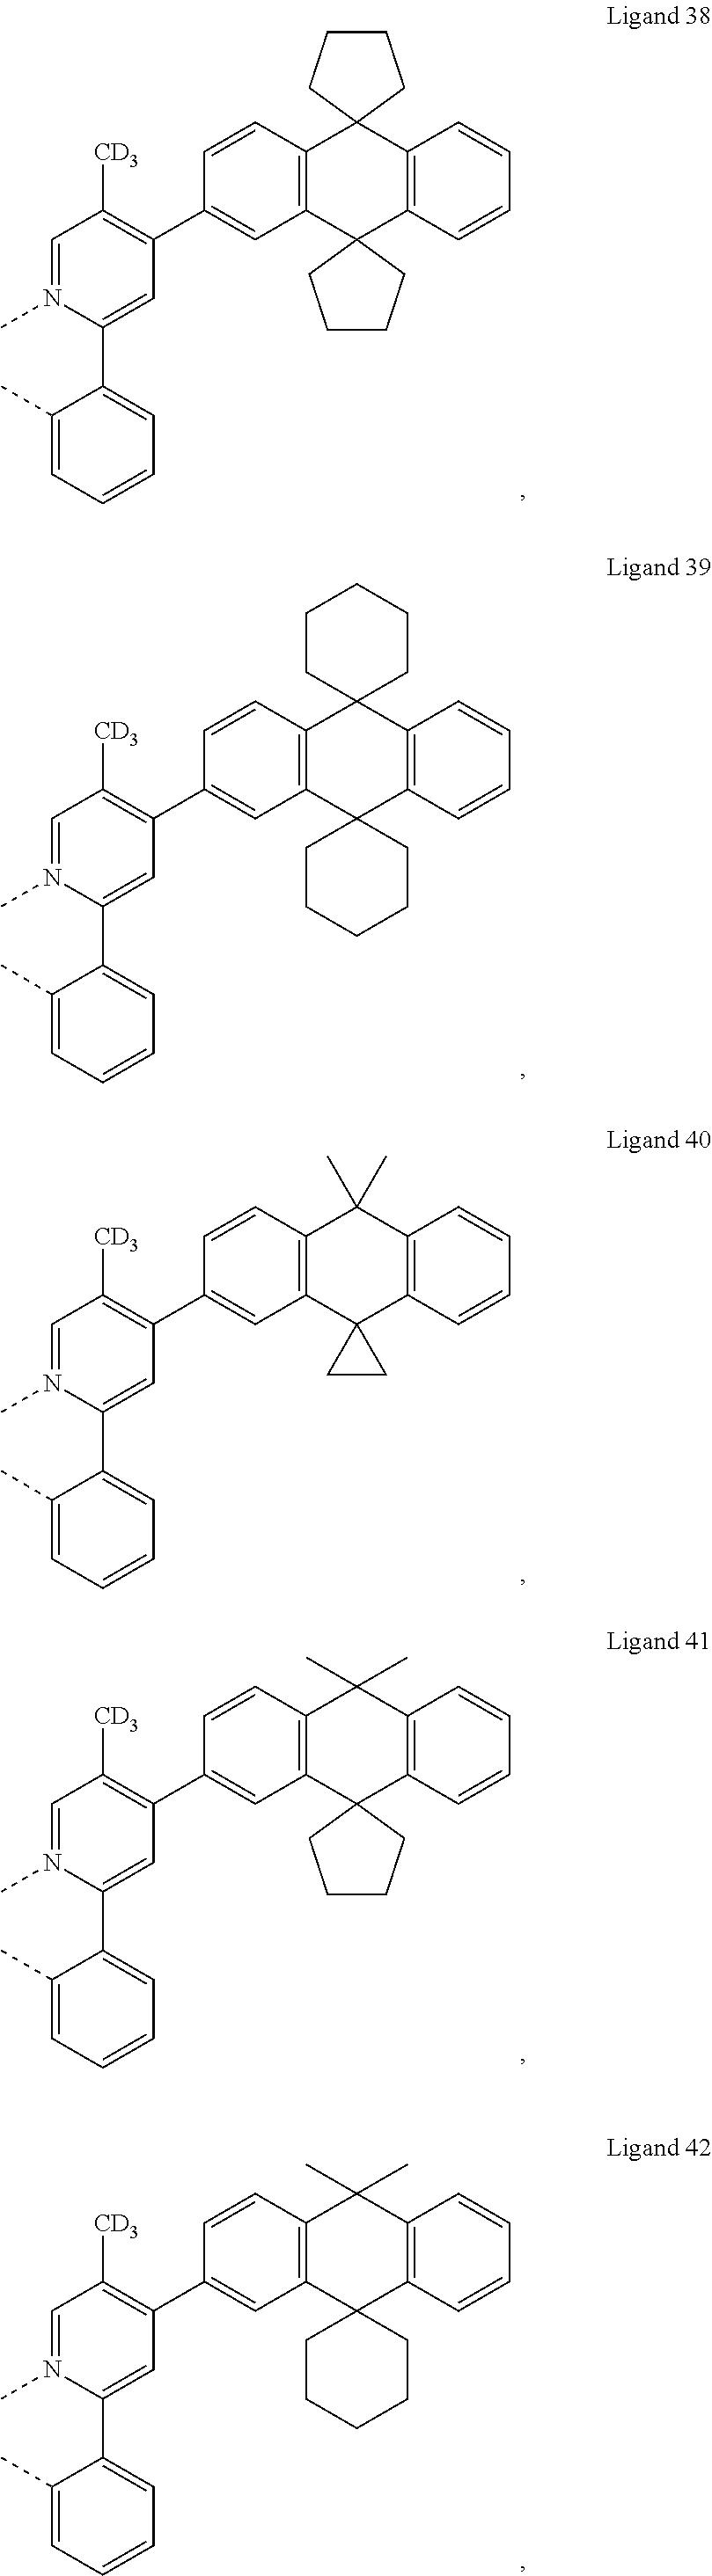 Figure US20180130962A1-20180510-C00236